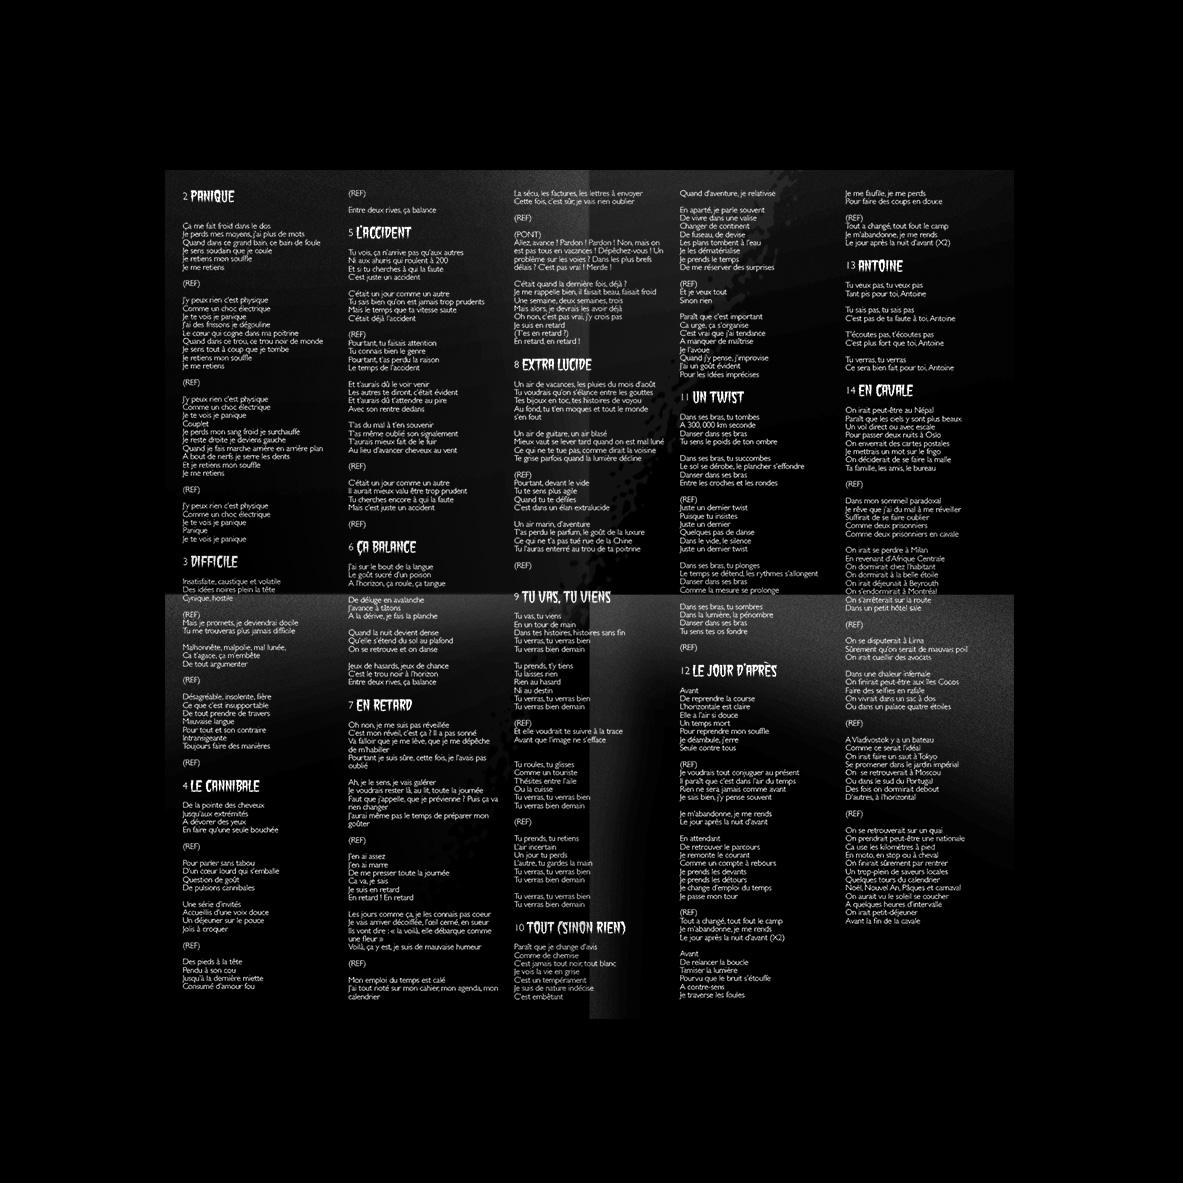 JUNIORE-ALBUM-Poster-Interieur.jpg